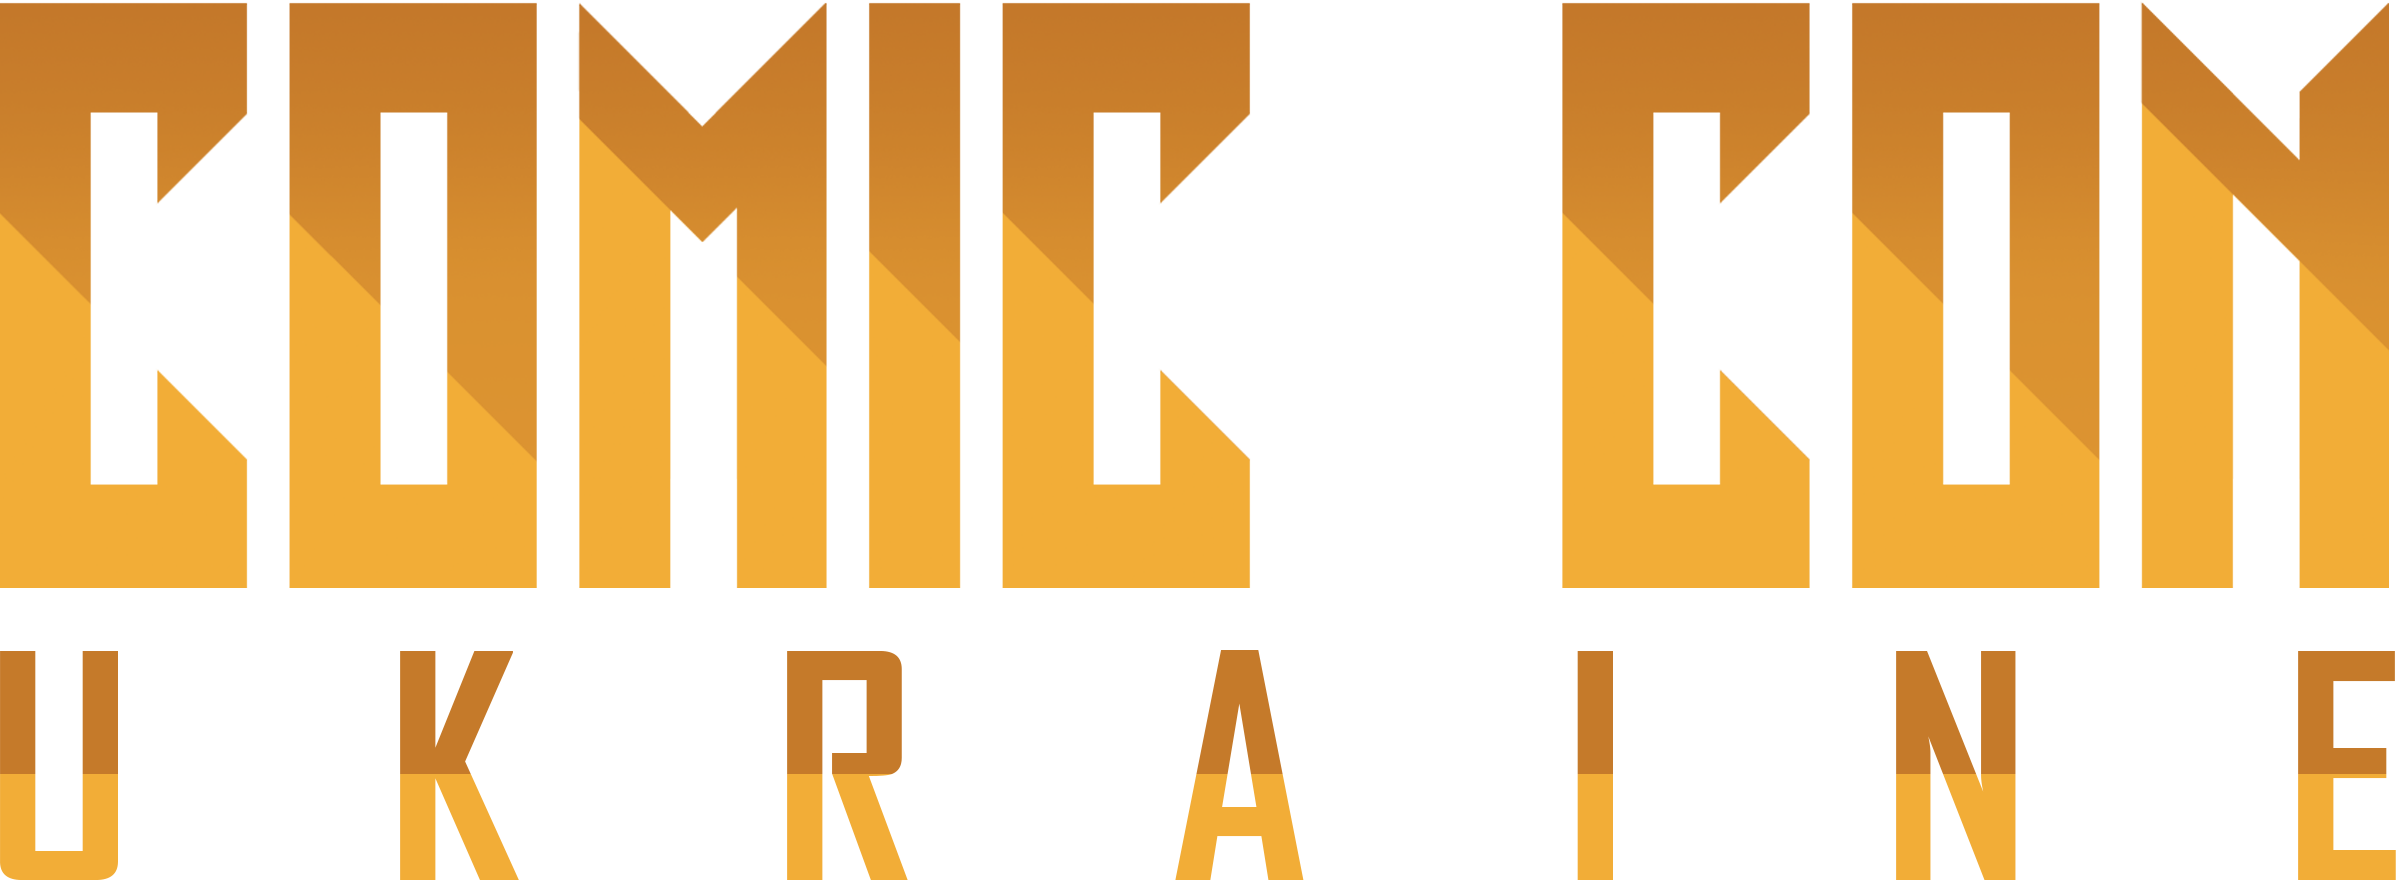 10 причин посетить Comic Con Ukraine 21-22 сентября